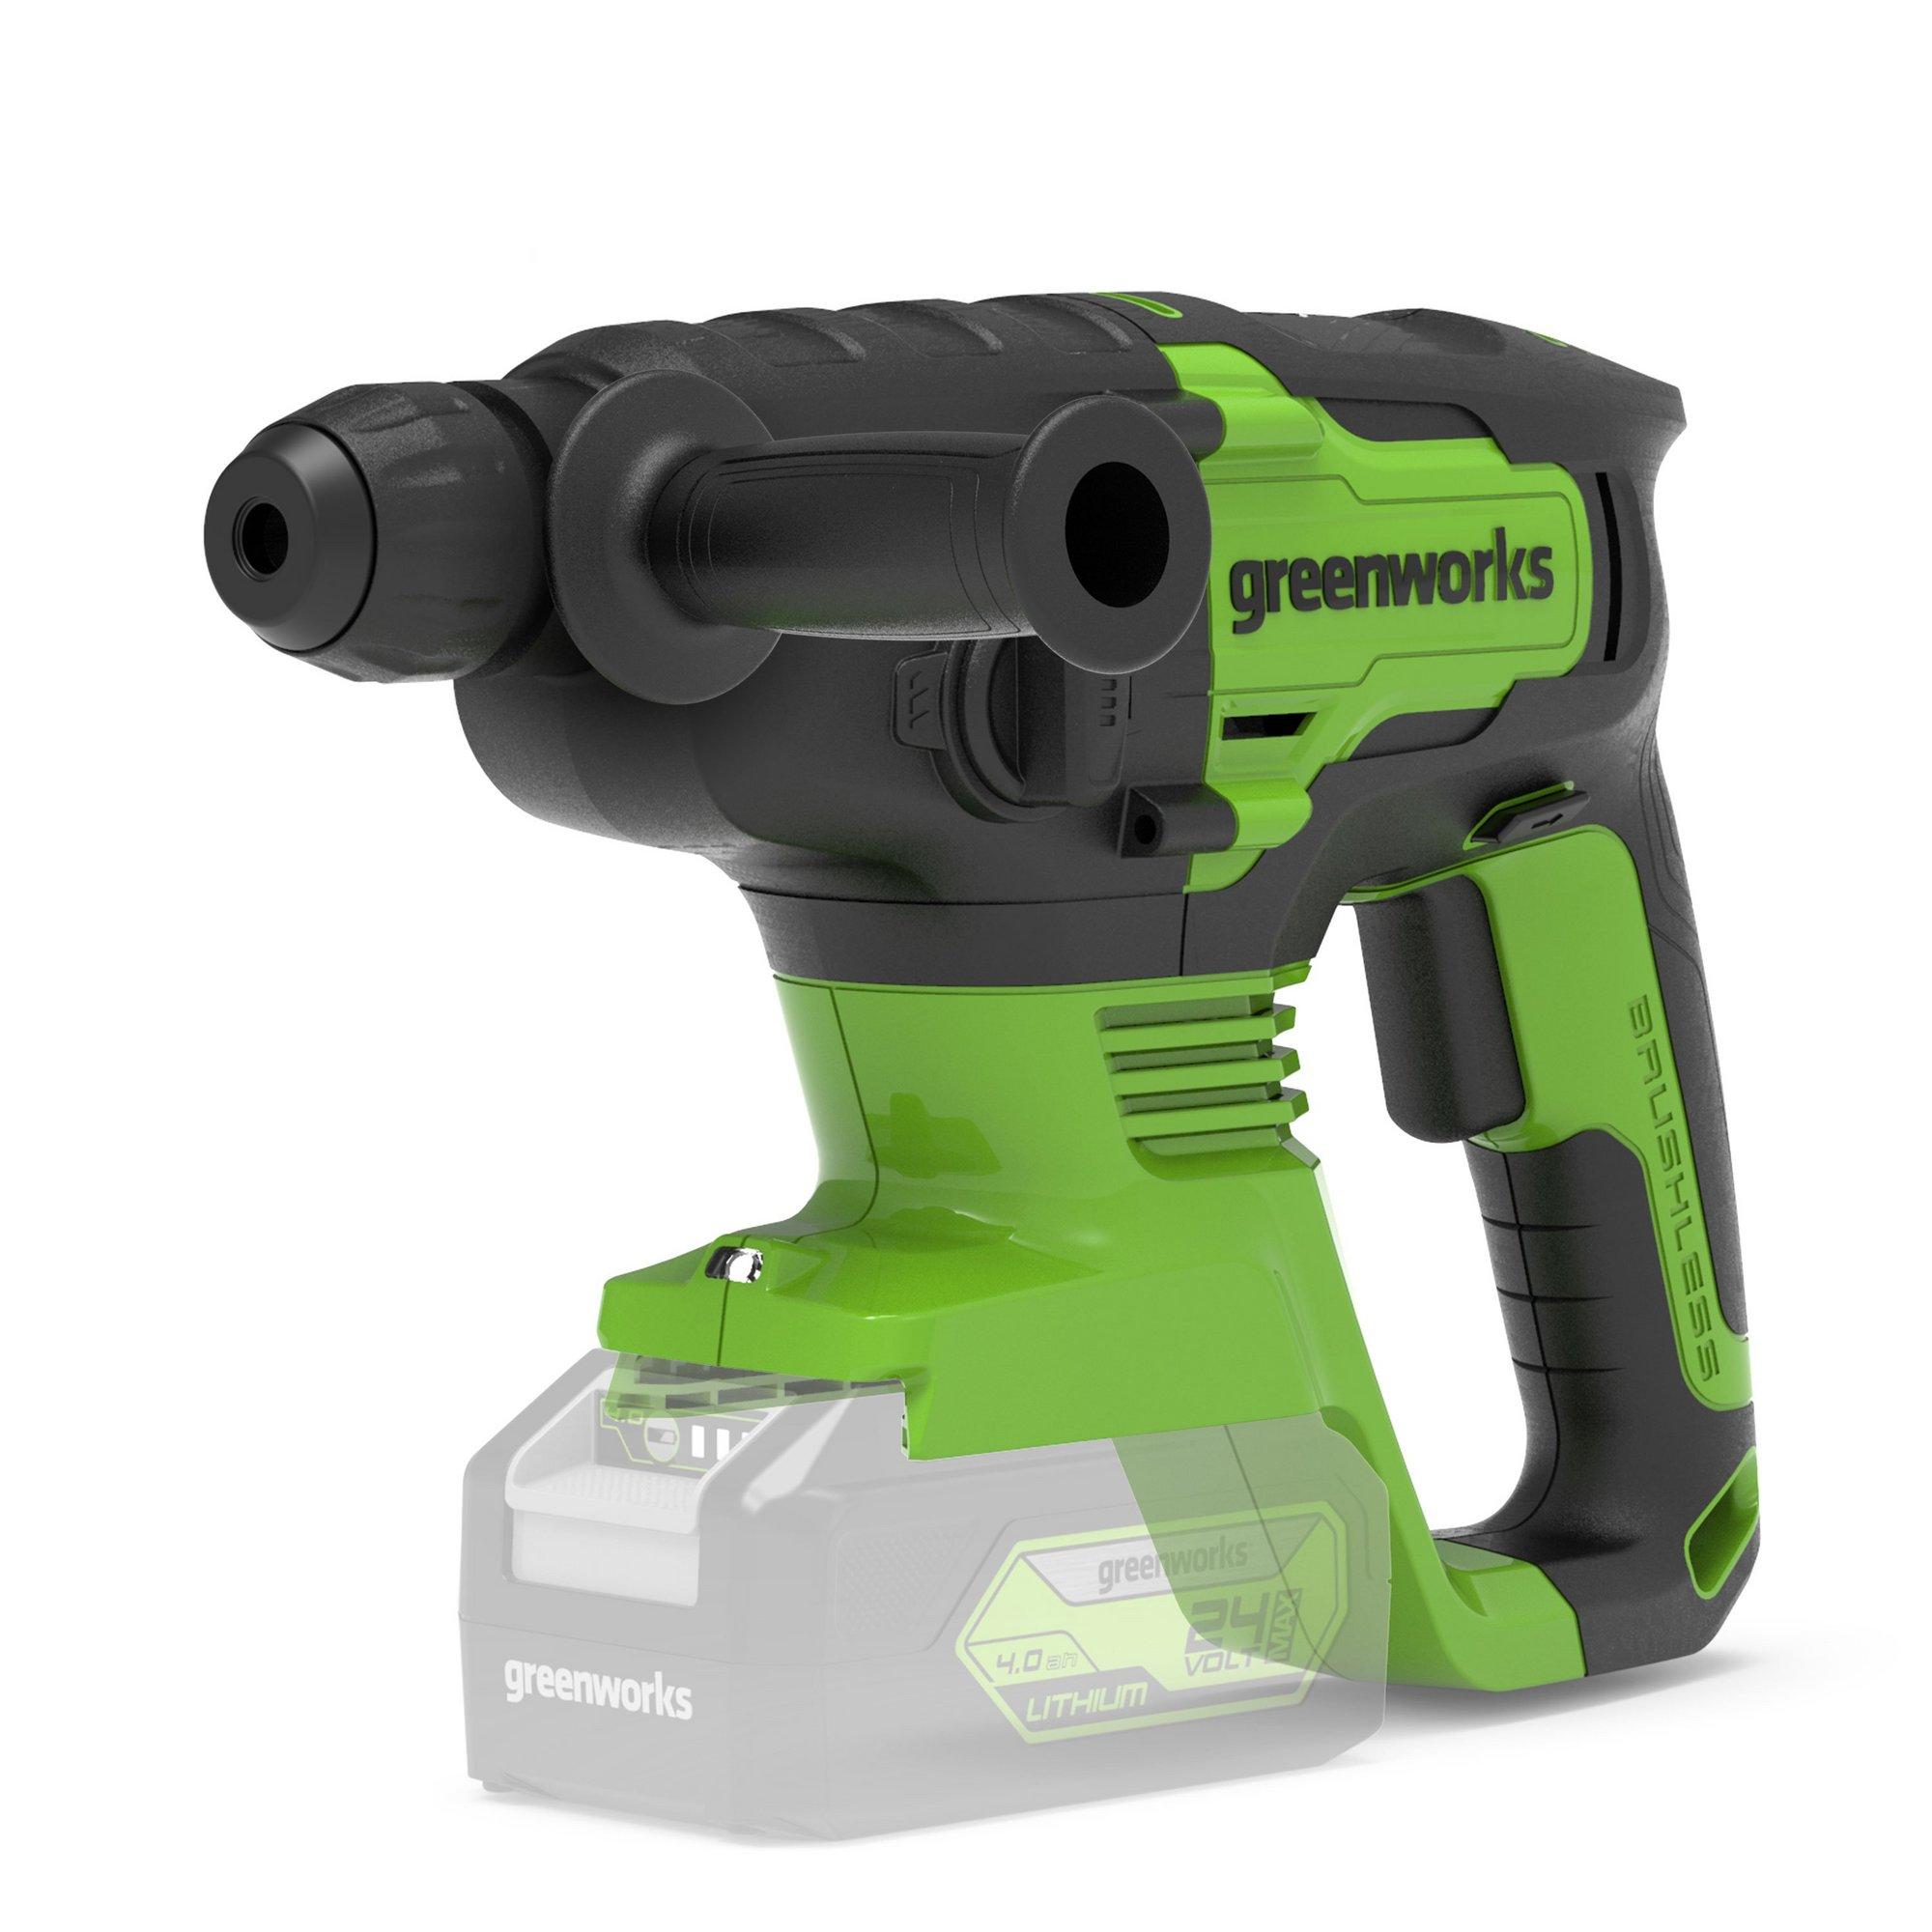 Image of Greenworks 24V Brushless Hammer Drill 2J (Tool Only)